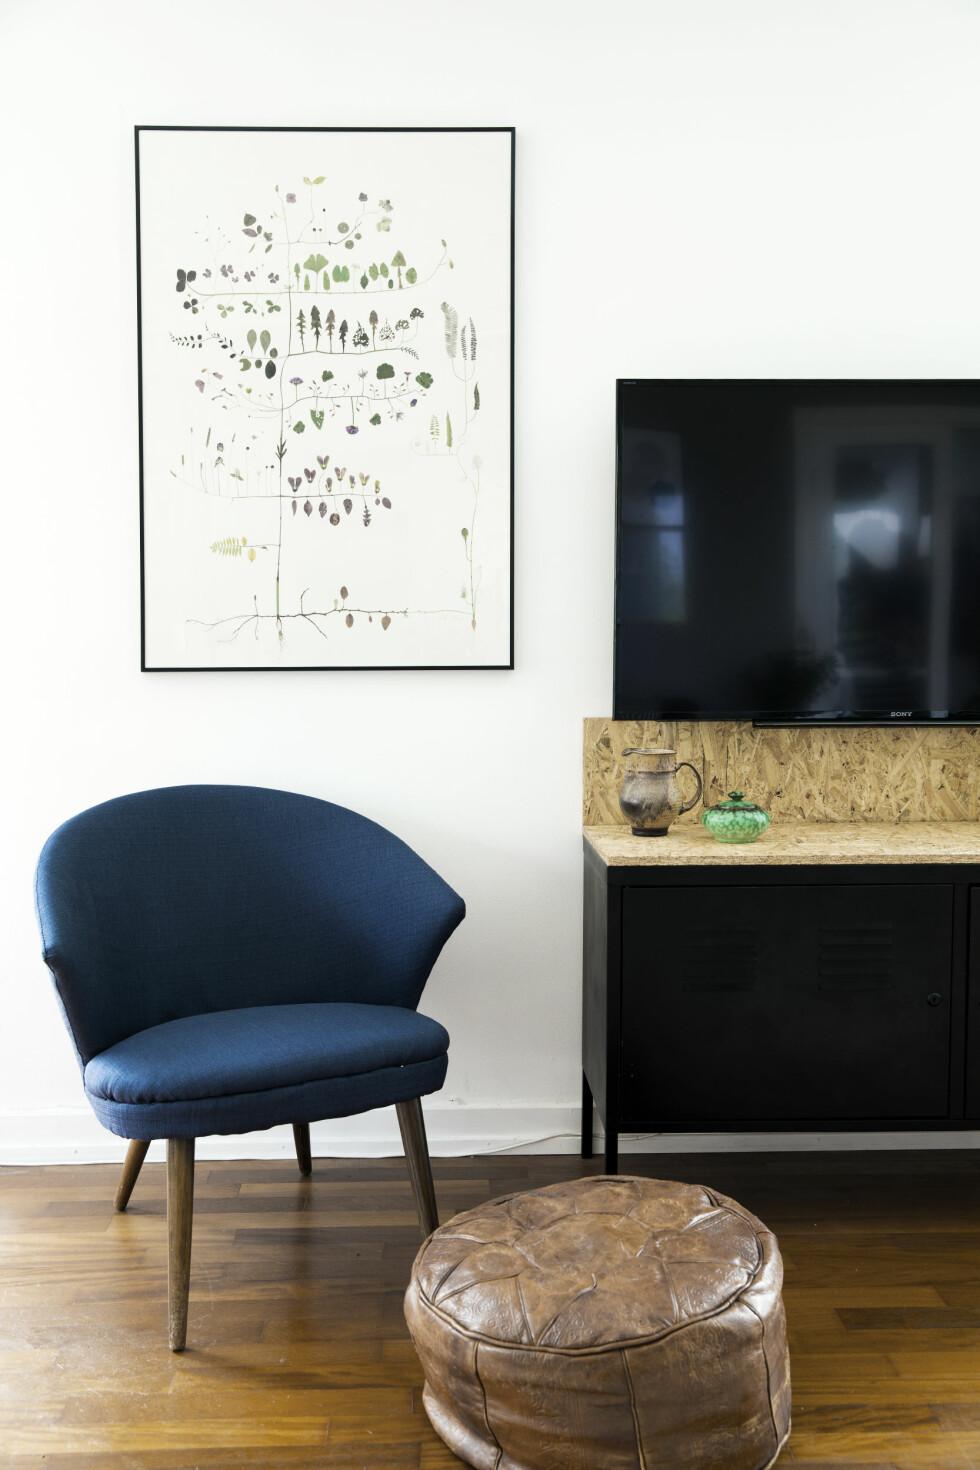 HJEMMESNEKRET: Charlotte og Filip har laget tv-benken av et Ikea-skap, som de har spraylakkert svart og lagt en sponplate på. En plate er festet slik at den går et stykke opp på veggen også, og på den måten skjules ledninger som er frest inn iveggen. Charlotte har selv trukket om stolen hun har kjøpt på auksjon. Bildet er av Lotta Olsson. Foto: Tia Borgsmidt